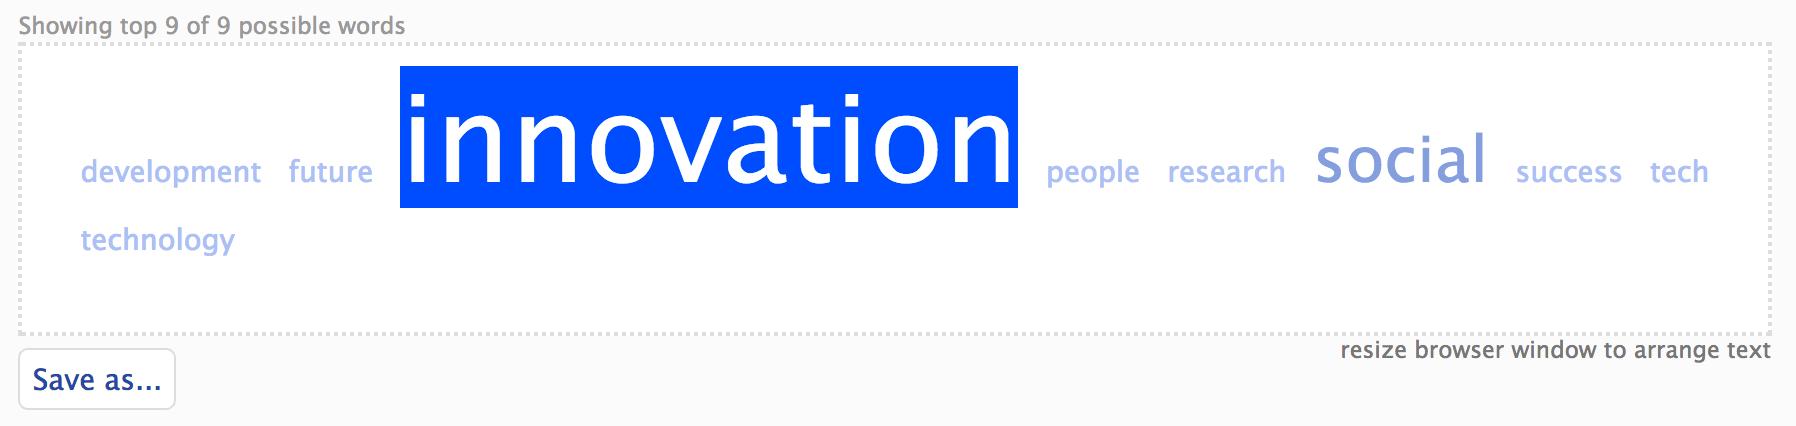 tag-crowd-word-cloud